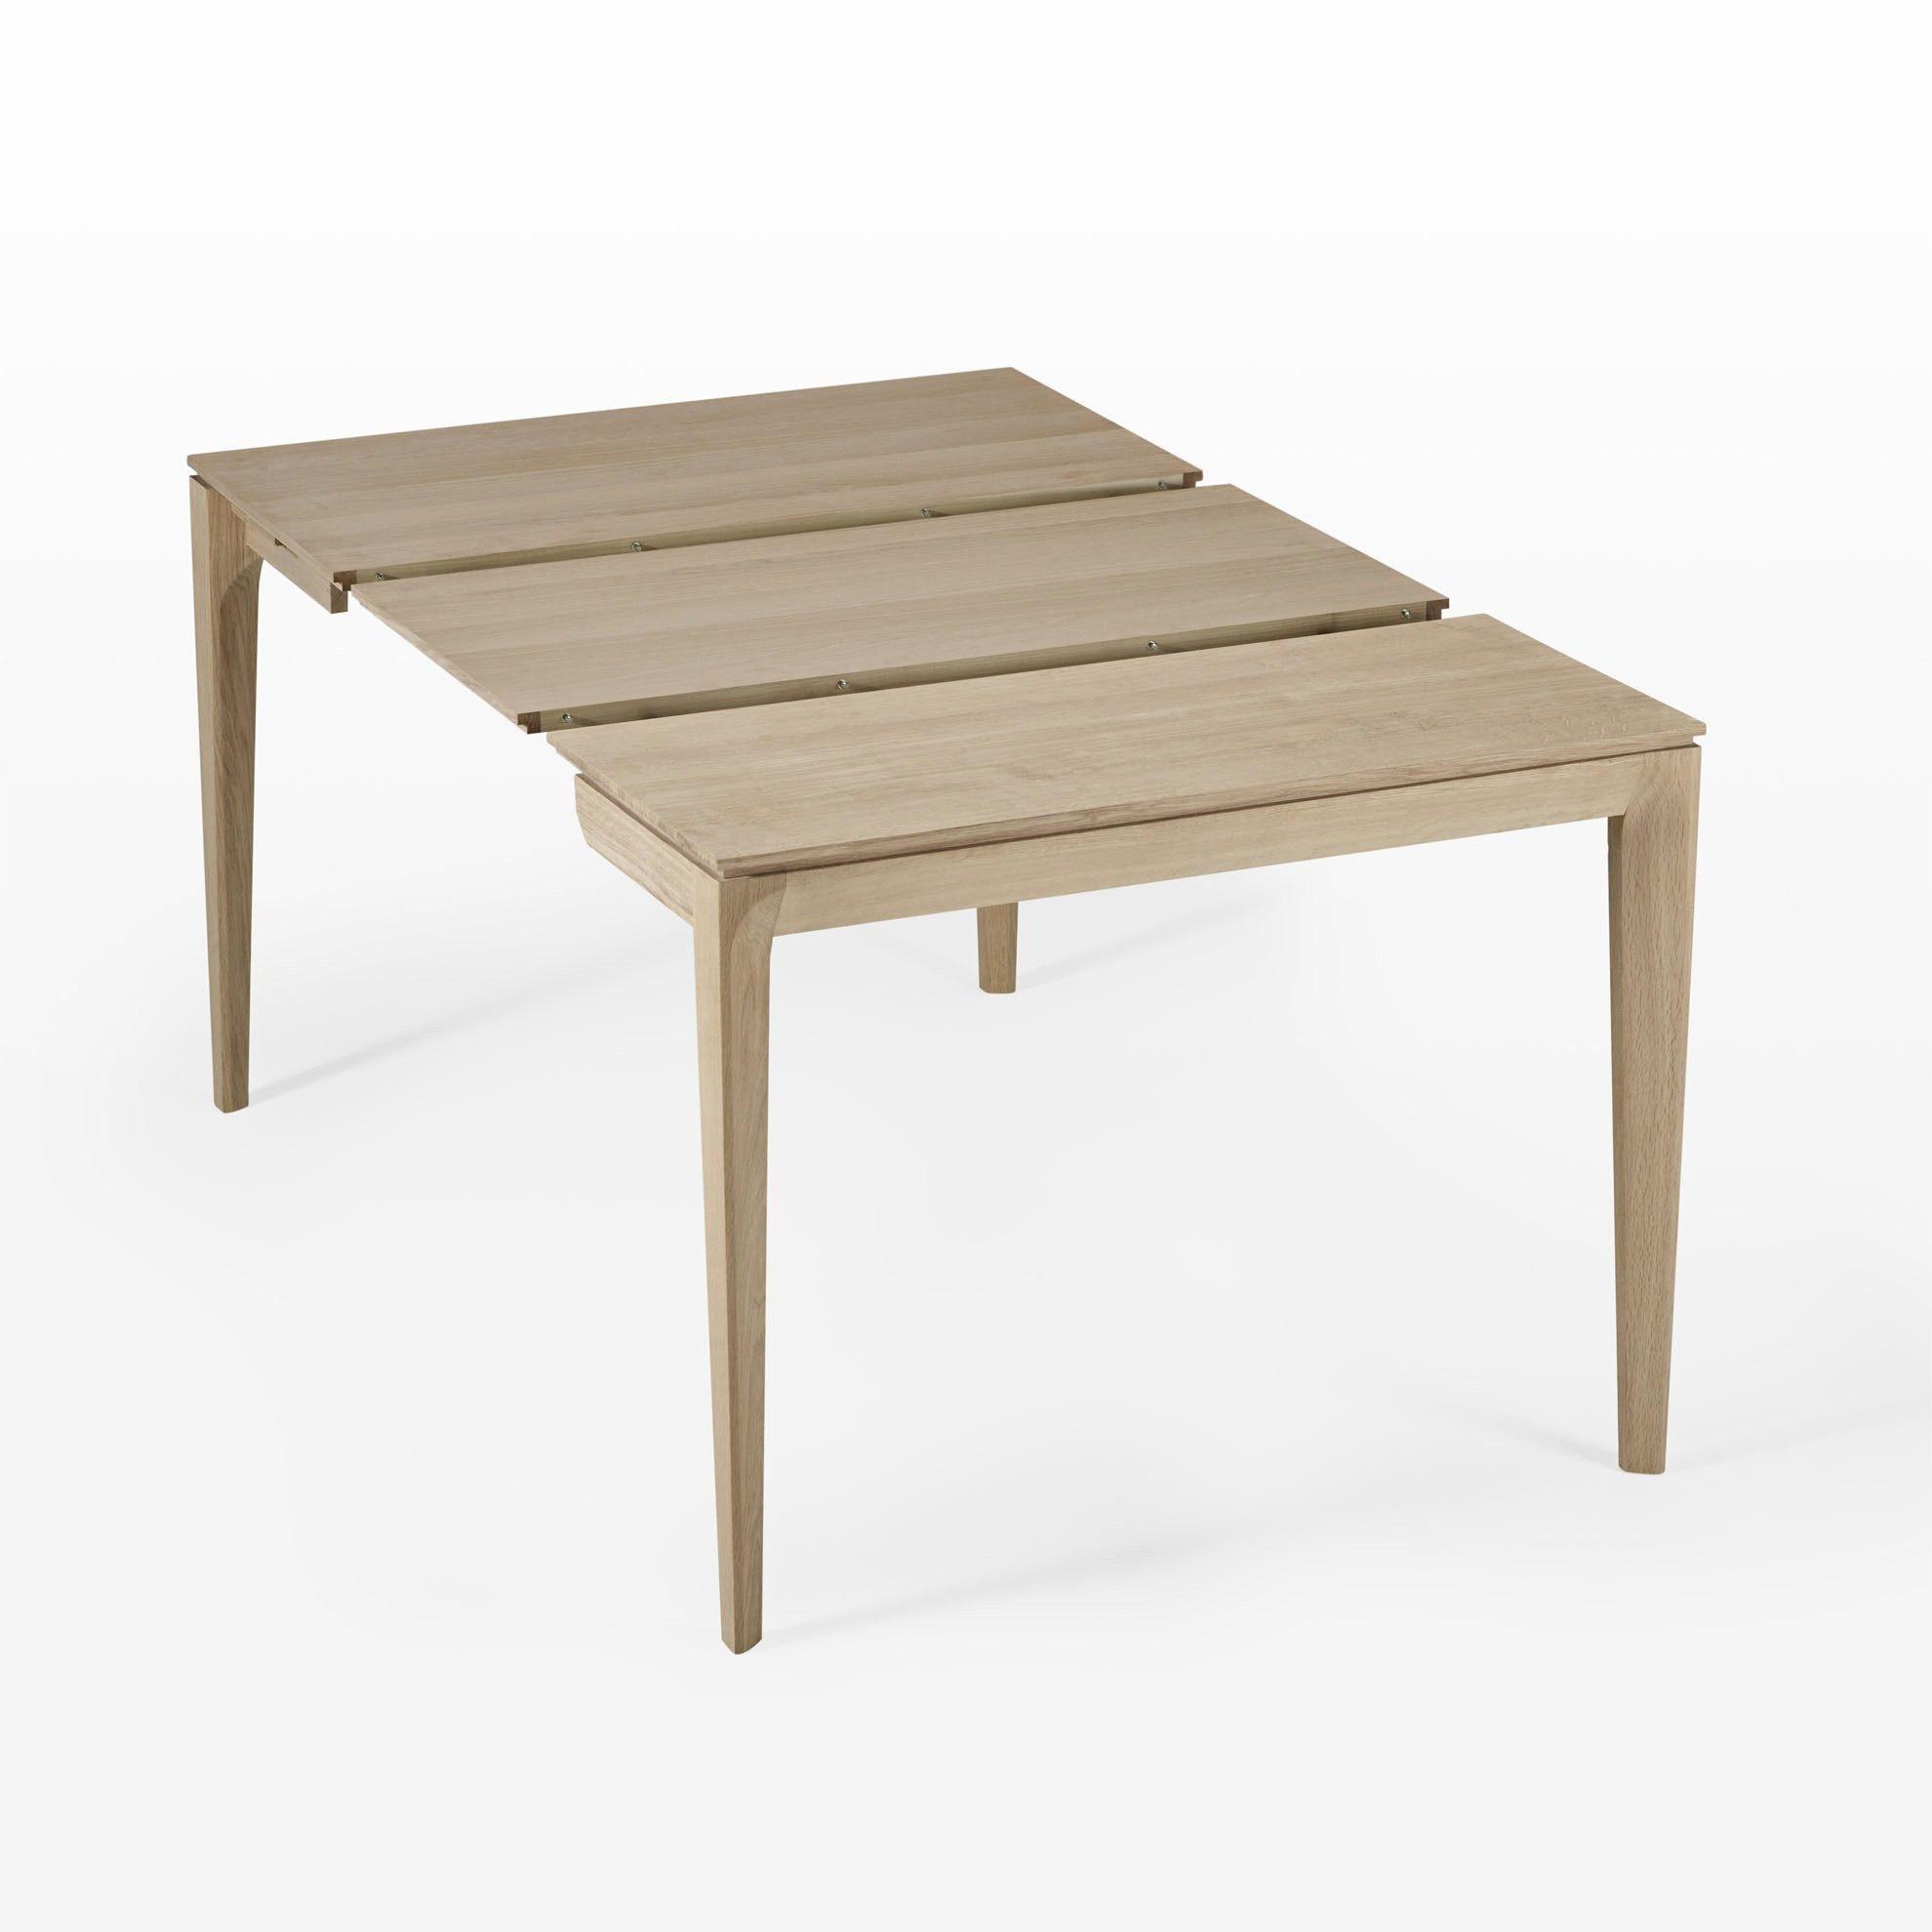 Lit Coffre 180 Joli Beau Lit Coffre Alinea élégant Table Haute Jardin Alinea Chaise 0d